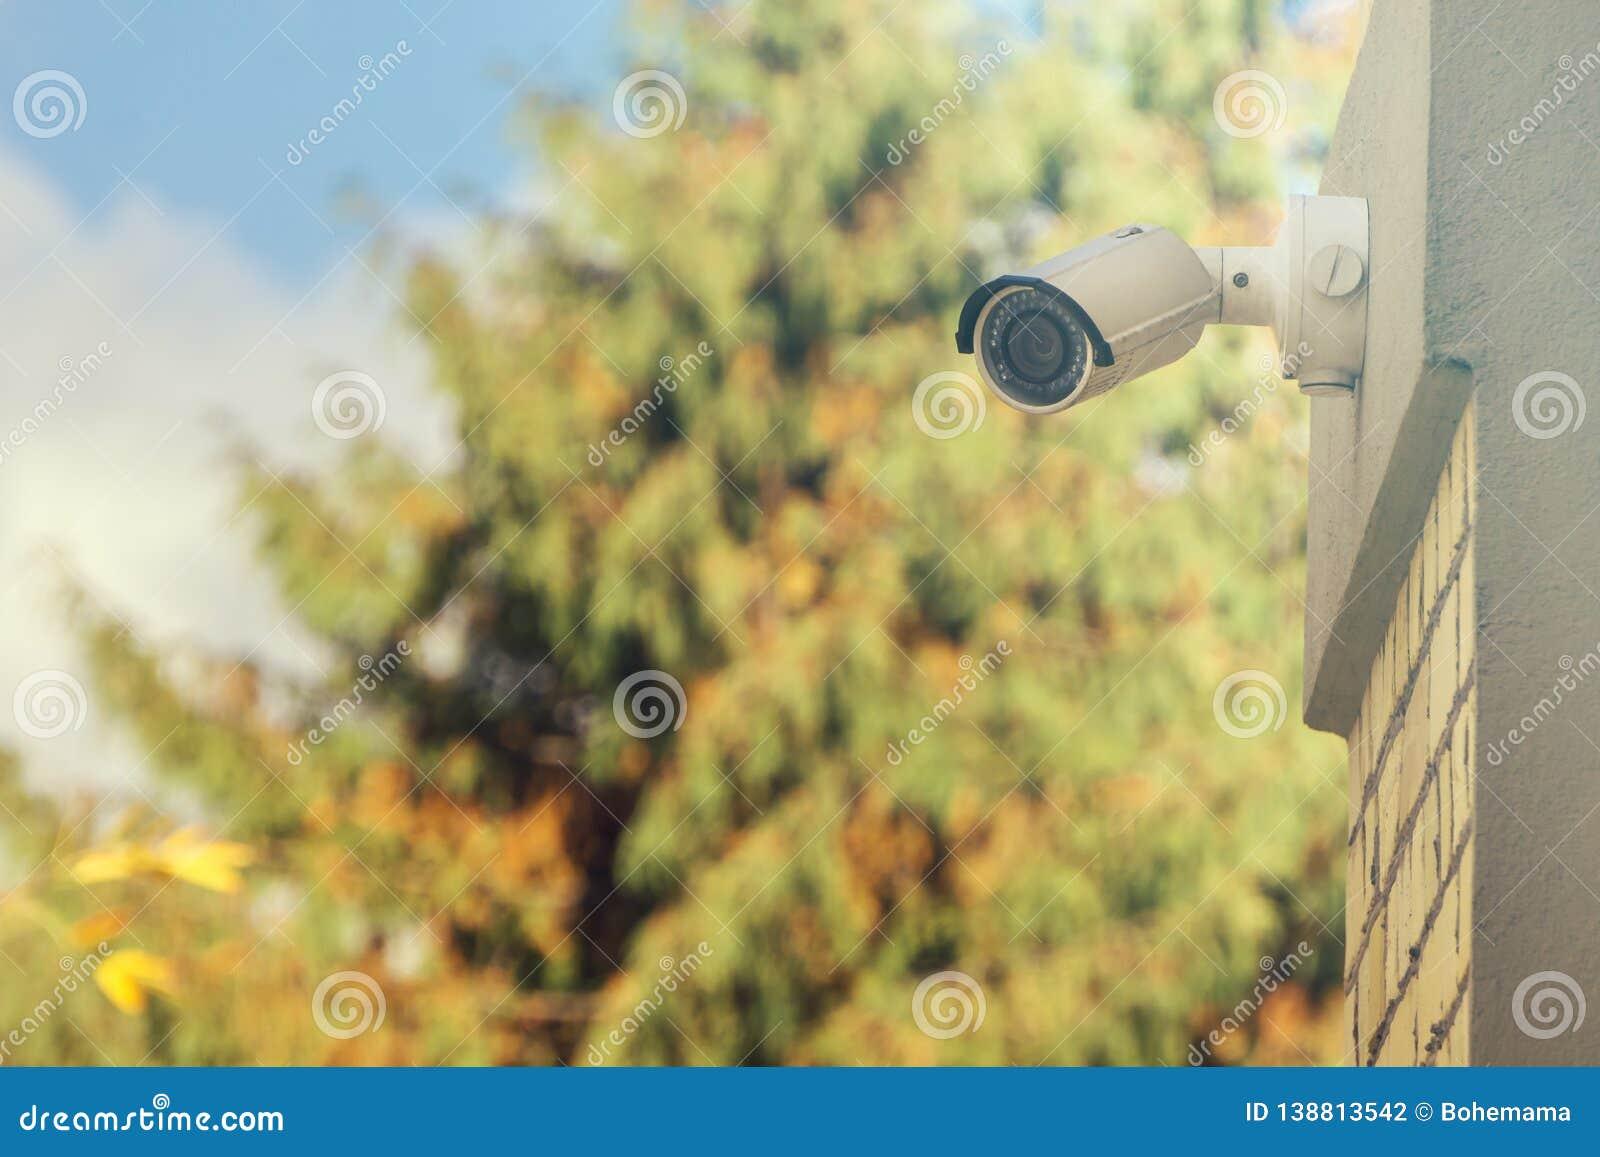 Caméra moderne de télévision en circuit fermé sur le mur de bâtiment, fond de feuillage